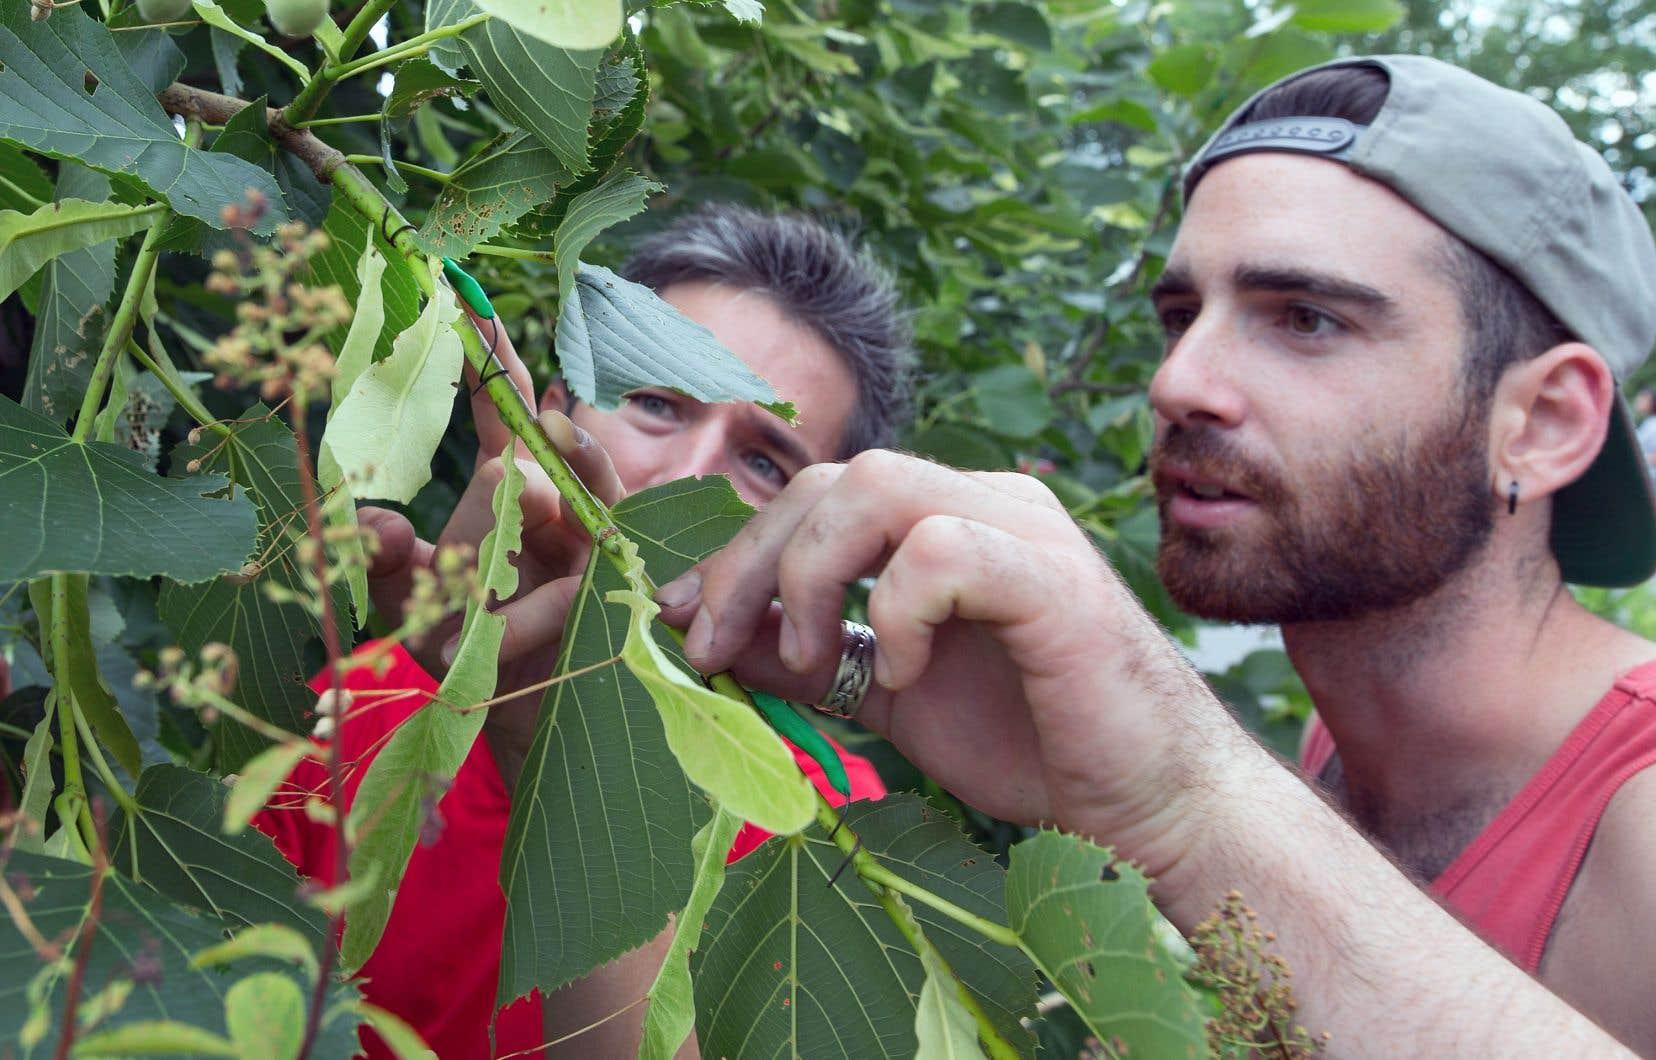 Sous le regard du chercheur Bastien Castagneyrol, le stagiaire Charles Des Roches installe une chenille en pâte à modeler pour mesurer l'activité de prédateurs dans un parc de Montréal.